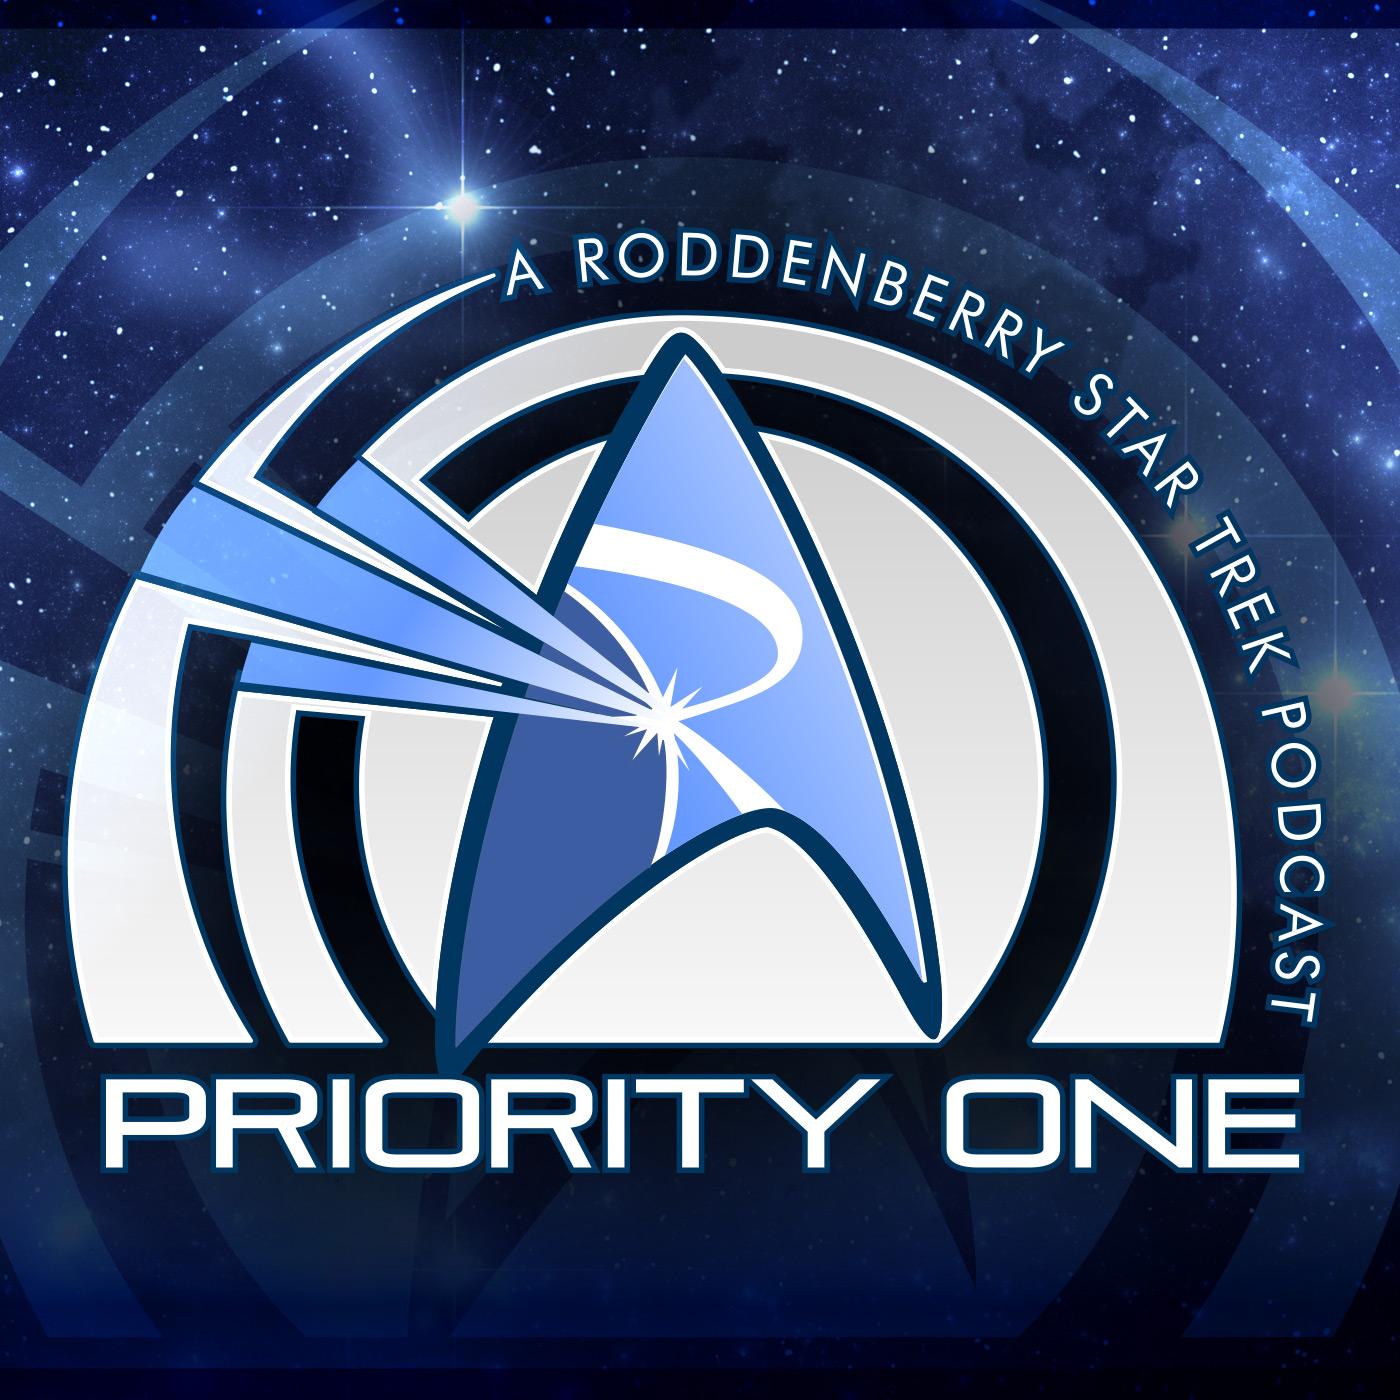 Artwork for 411 - The Star Trek 4-1-1 | Priority One: A Roddenberry Star Trek Podcast